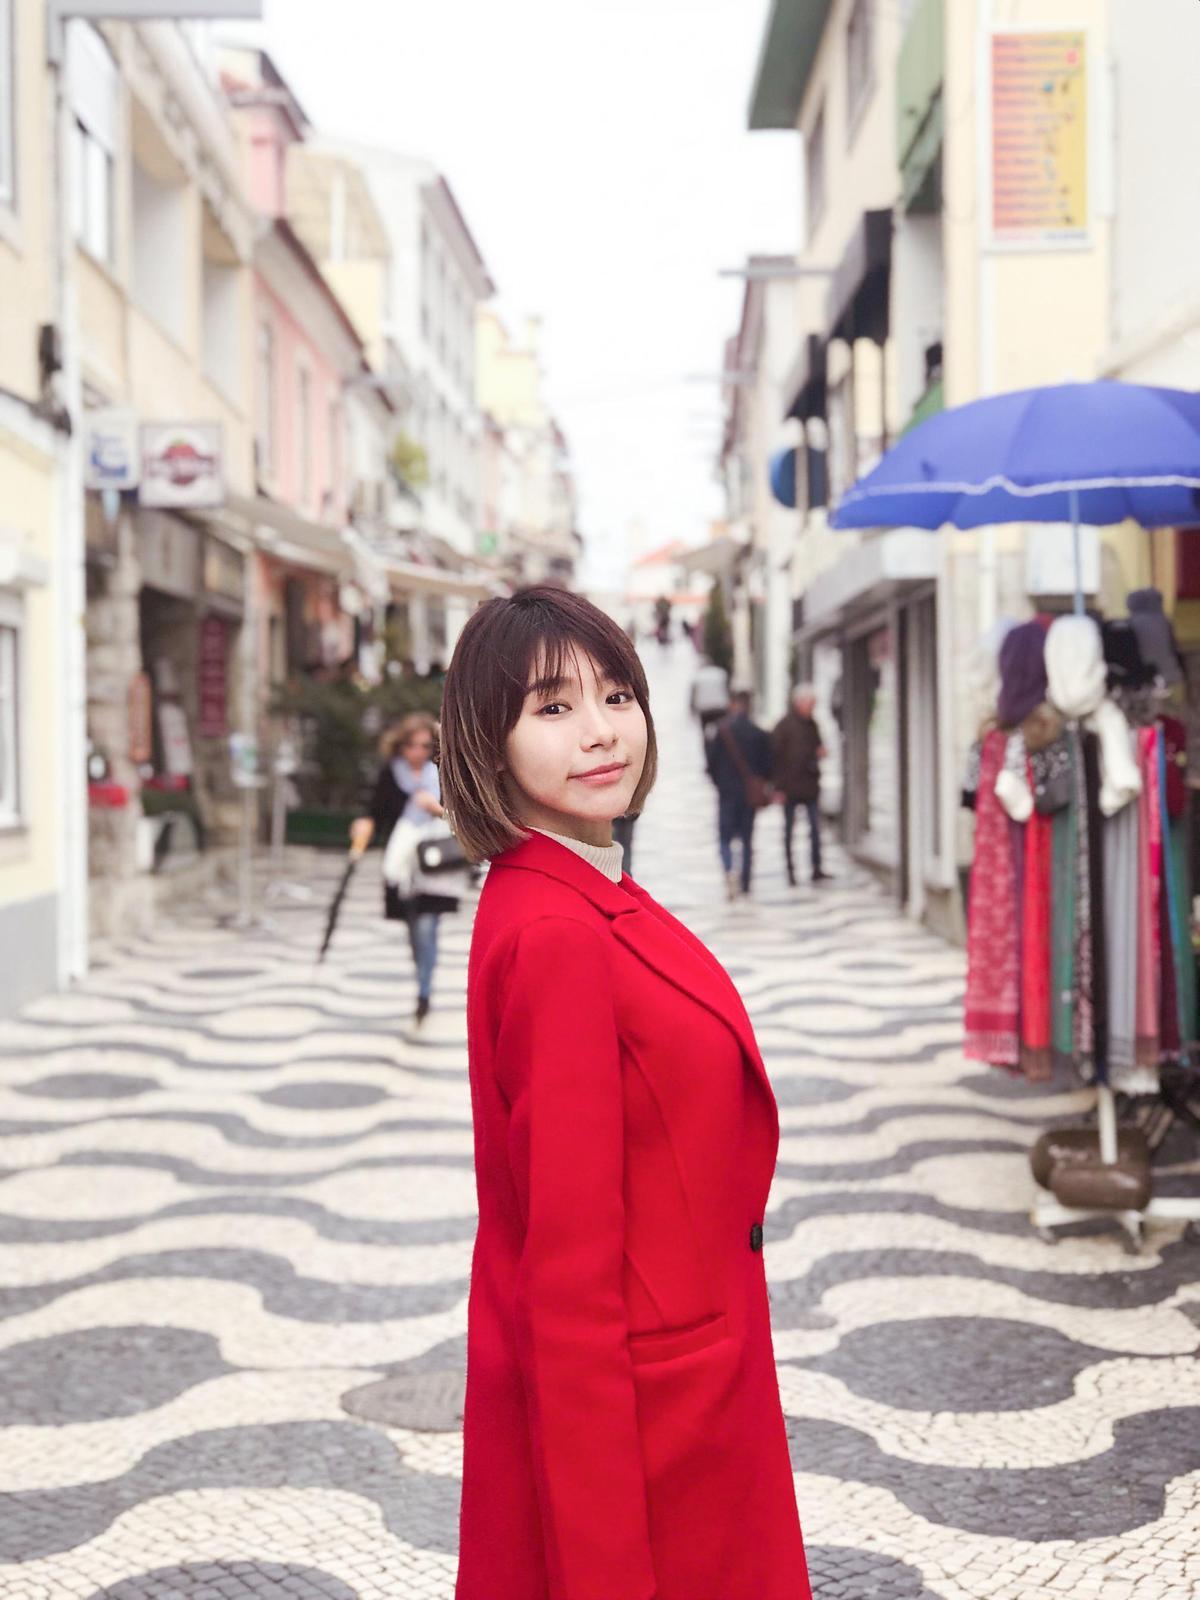 來自南國的林明禎在歐洲每天穿4件衣服還是覺得冷。(種子提供)